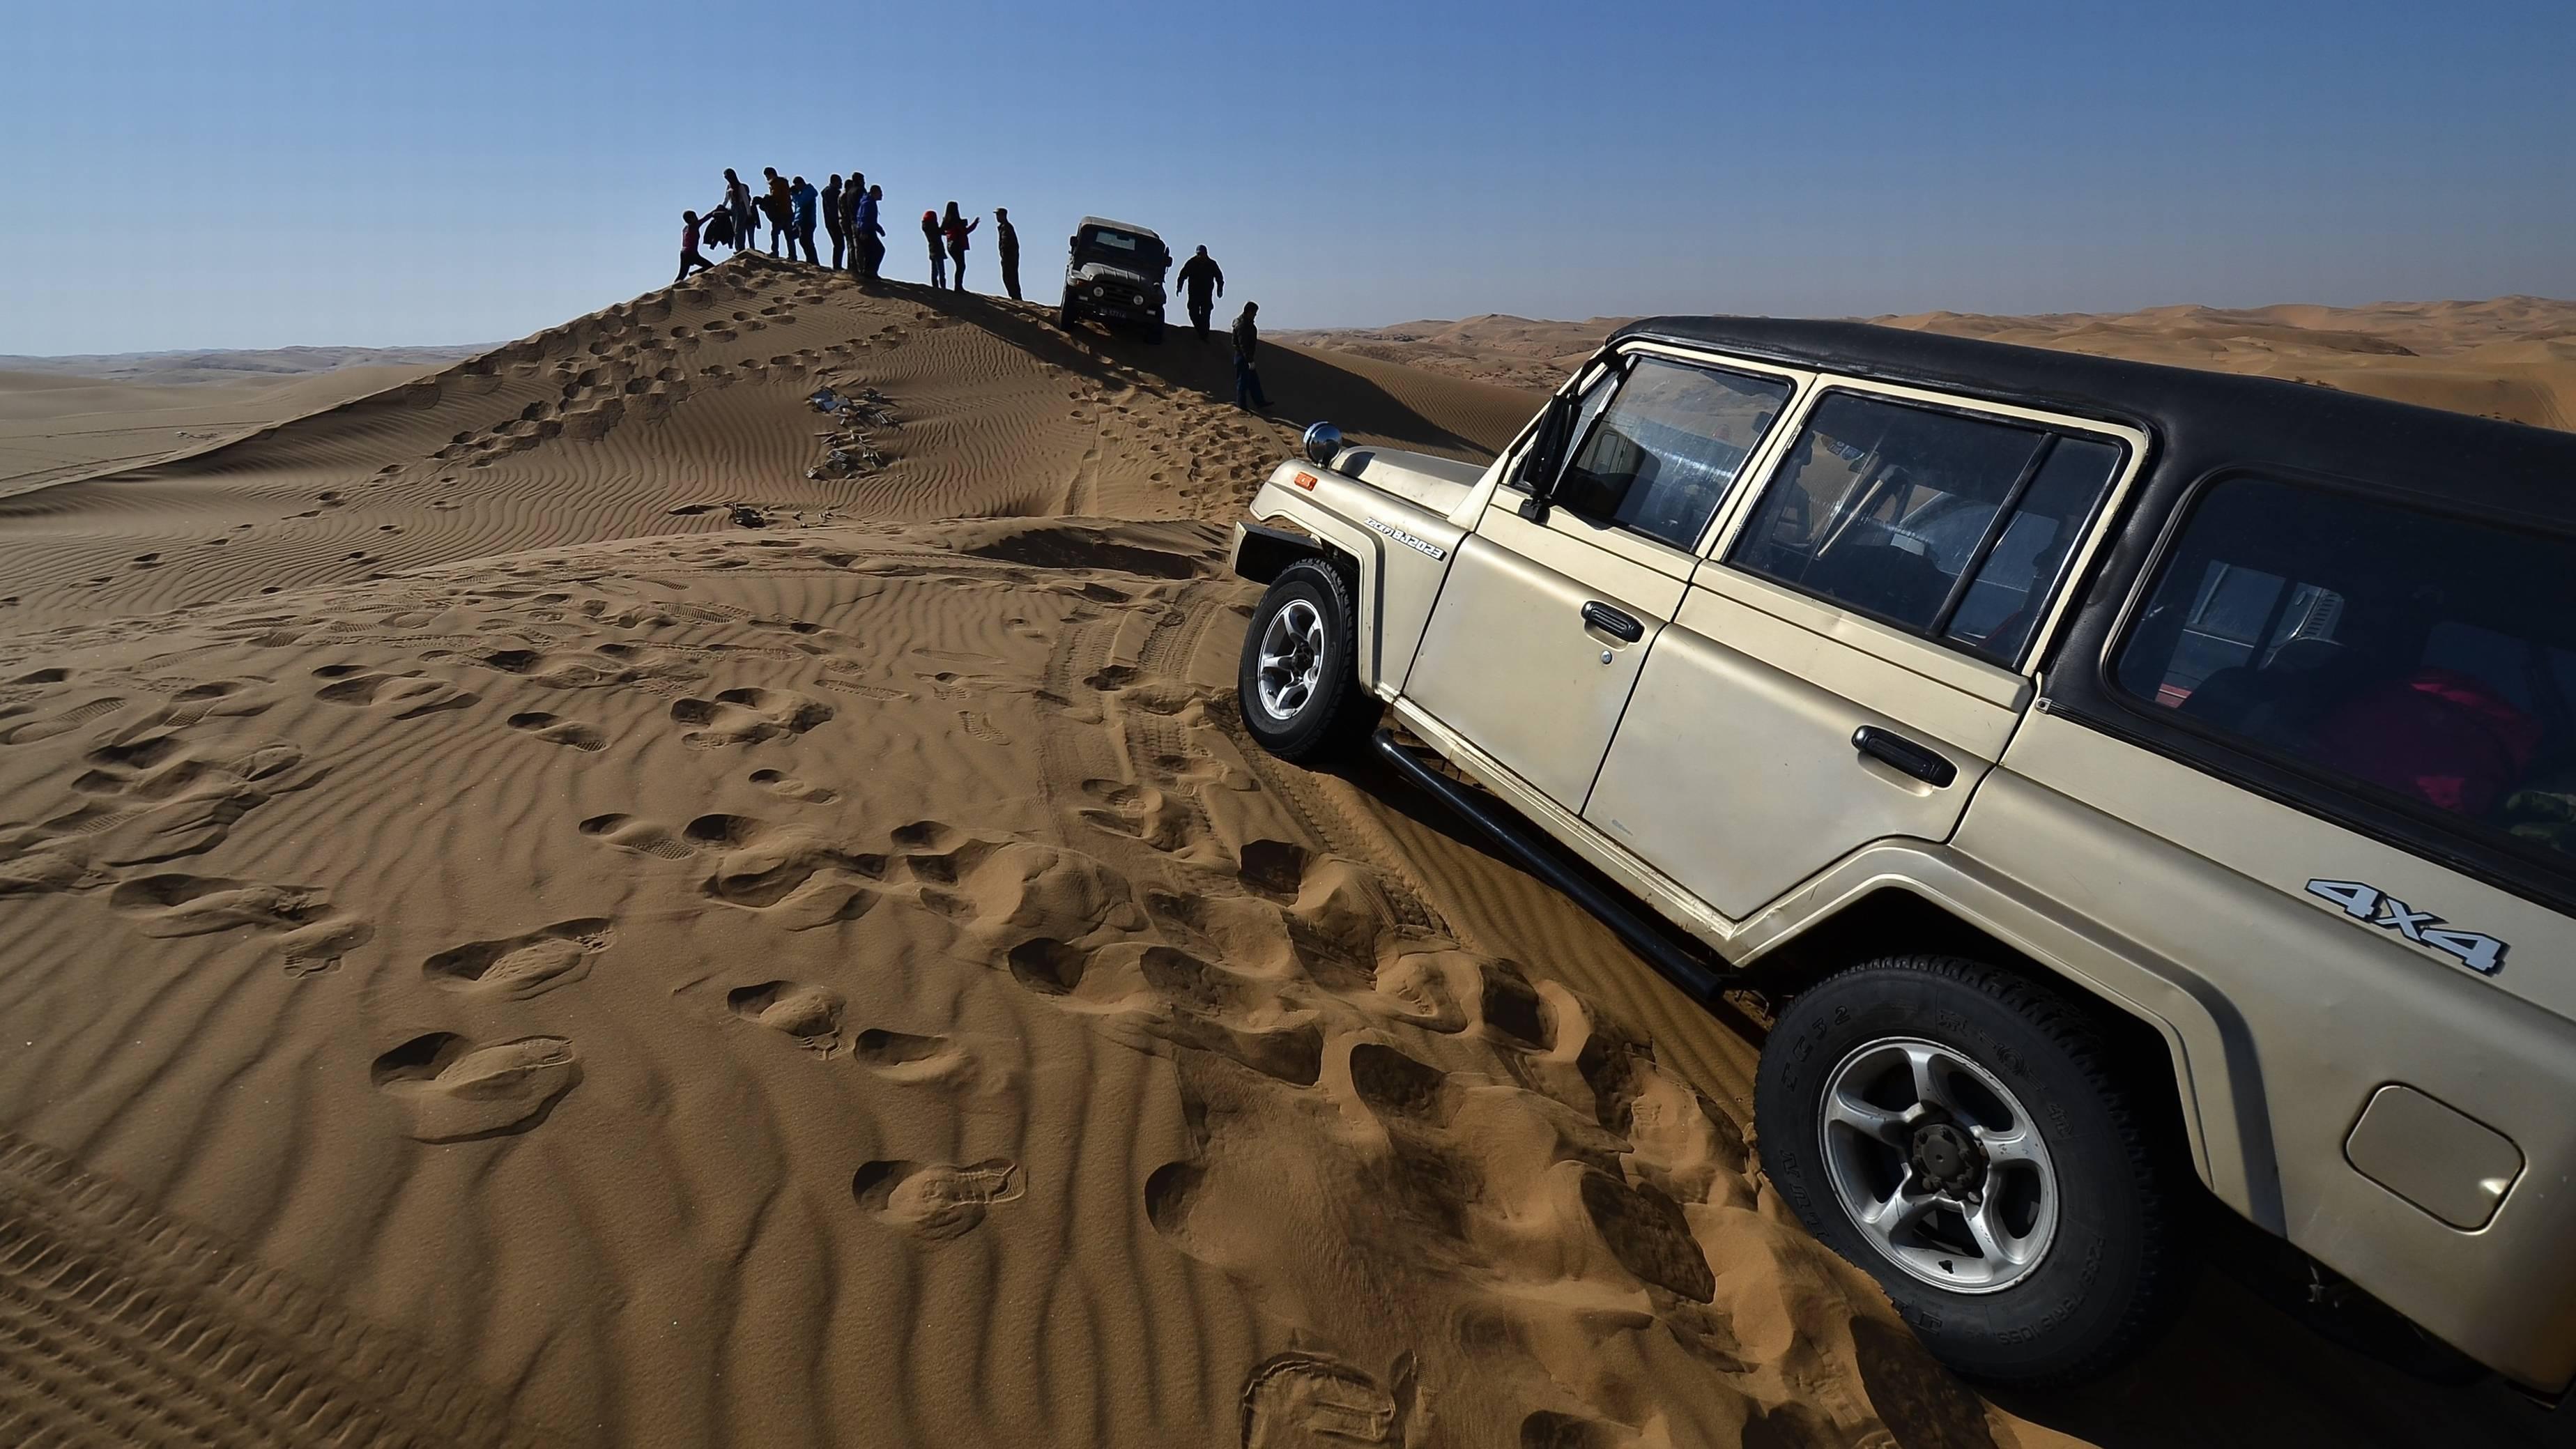 3月8日懒人队库不齐沙漠越驾越野照片-北京